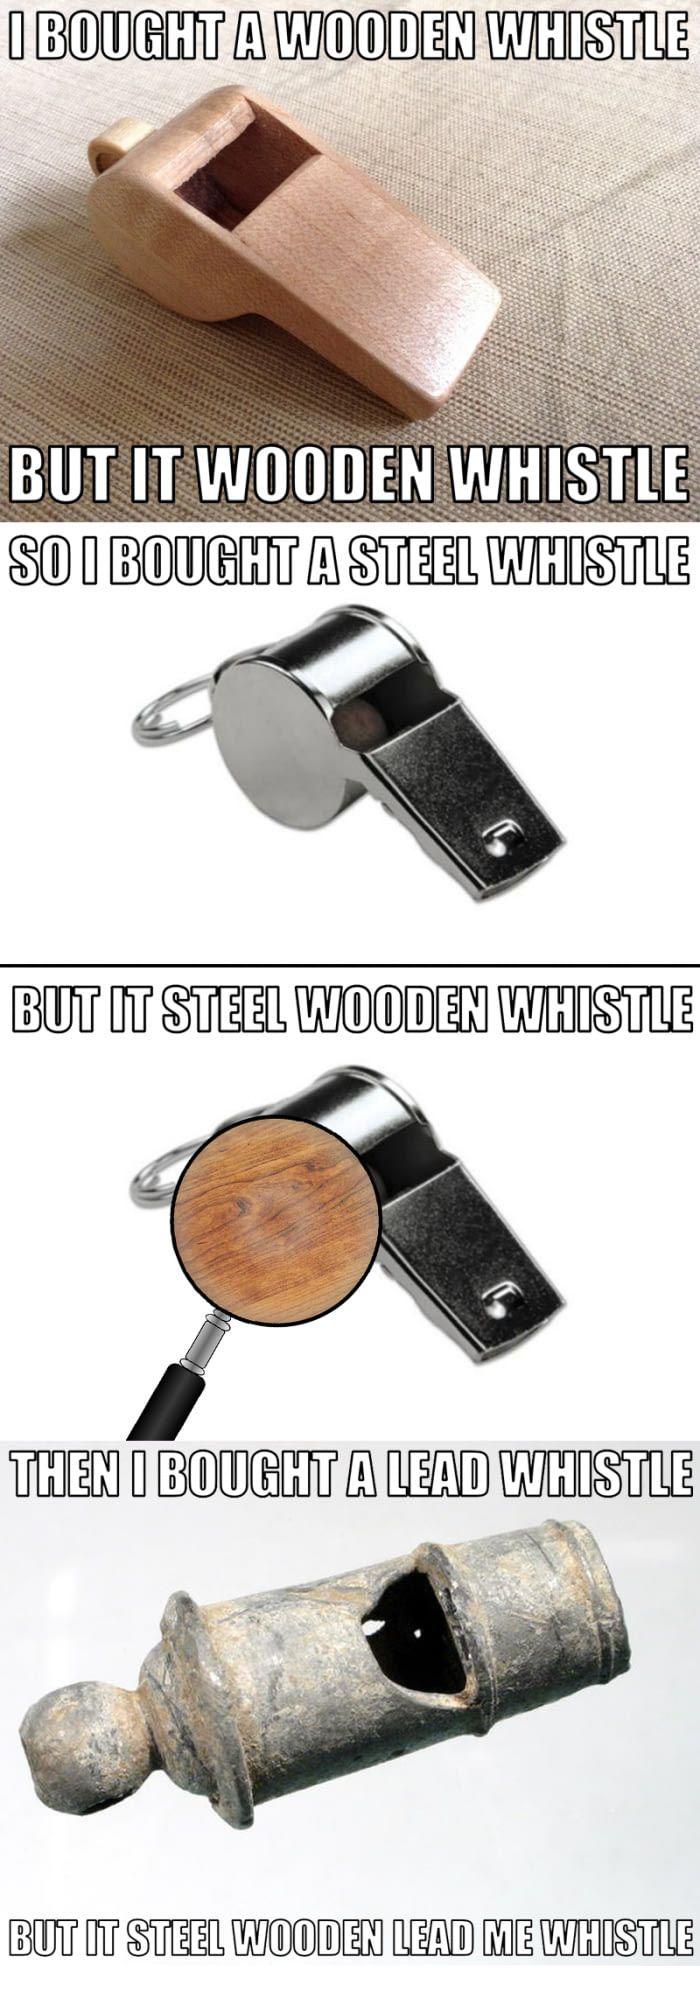 Wooden whistle http://ift.tt/2sh8MRh